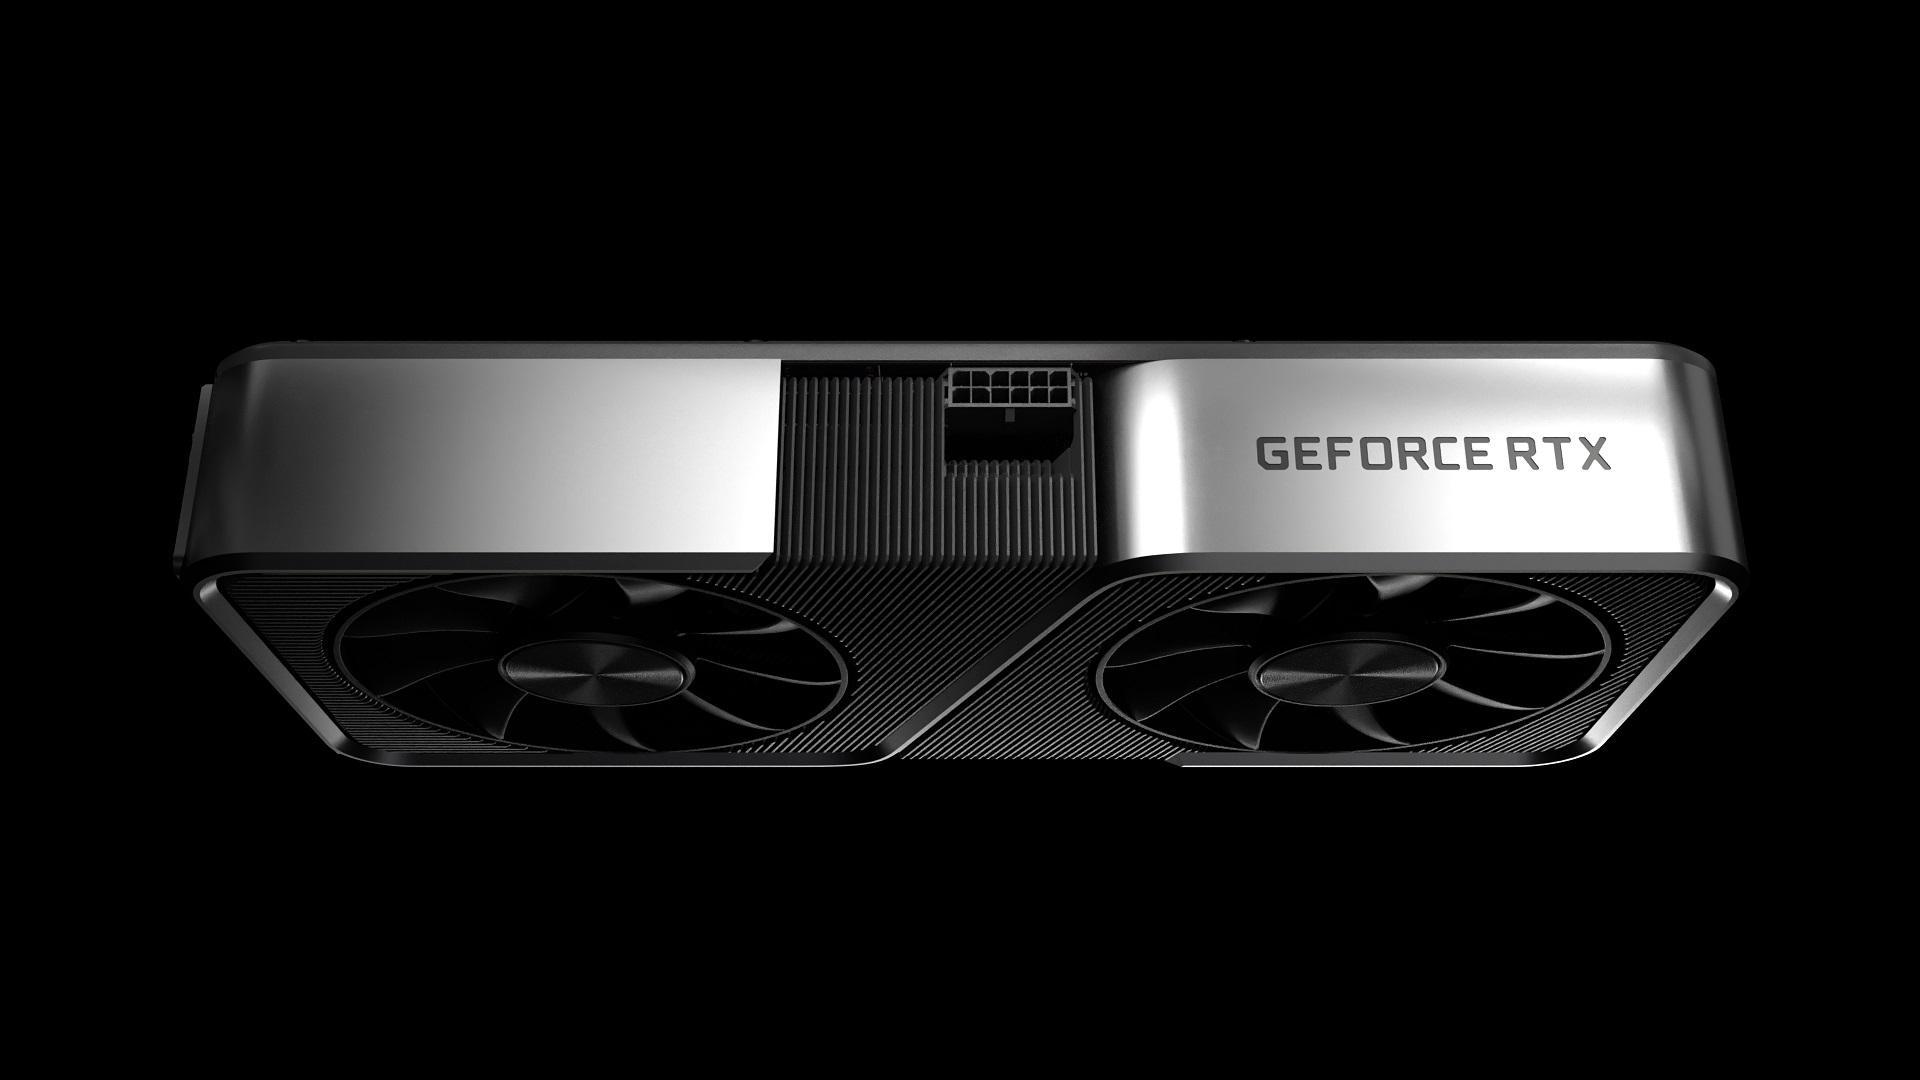 Die Nvidia GeForce RTX 3070 ist das